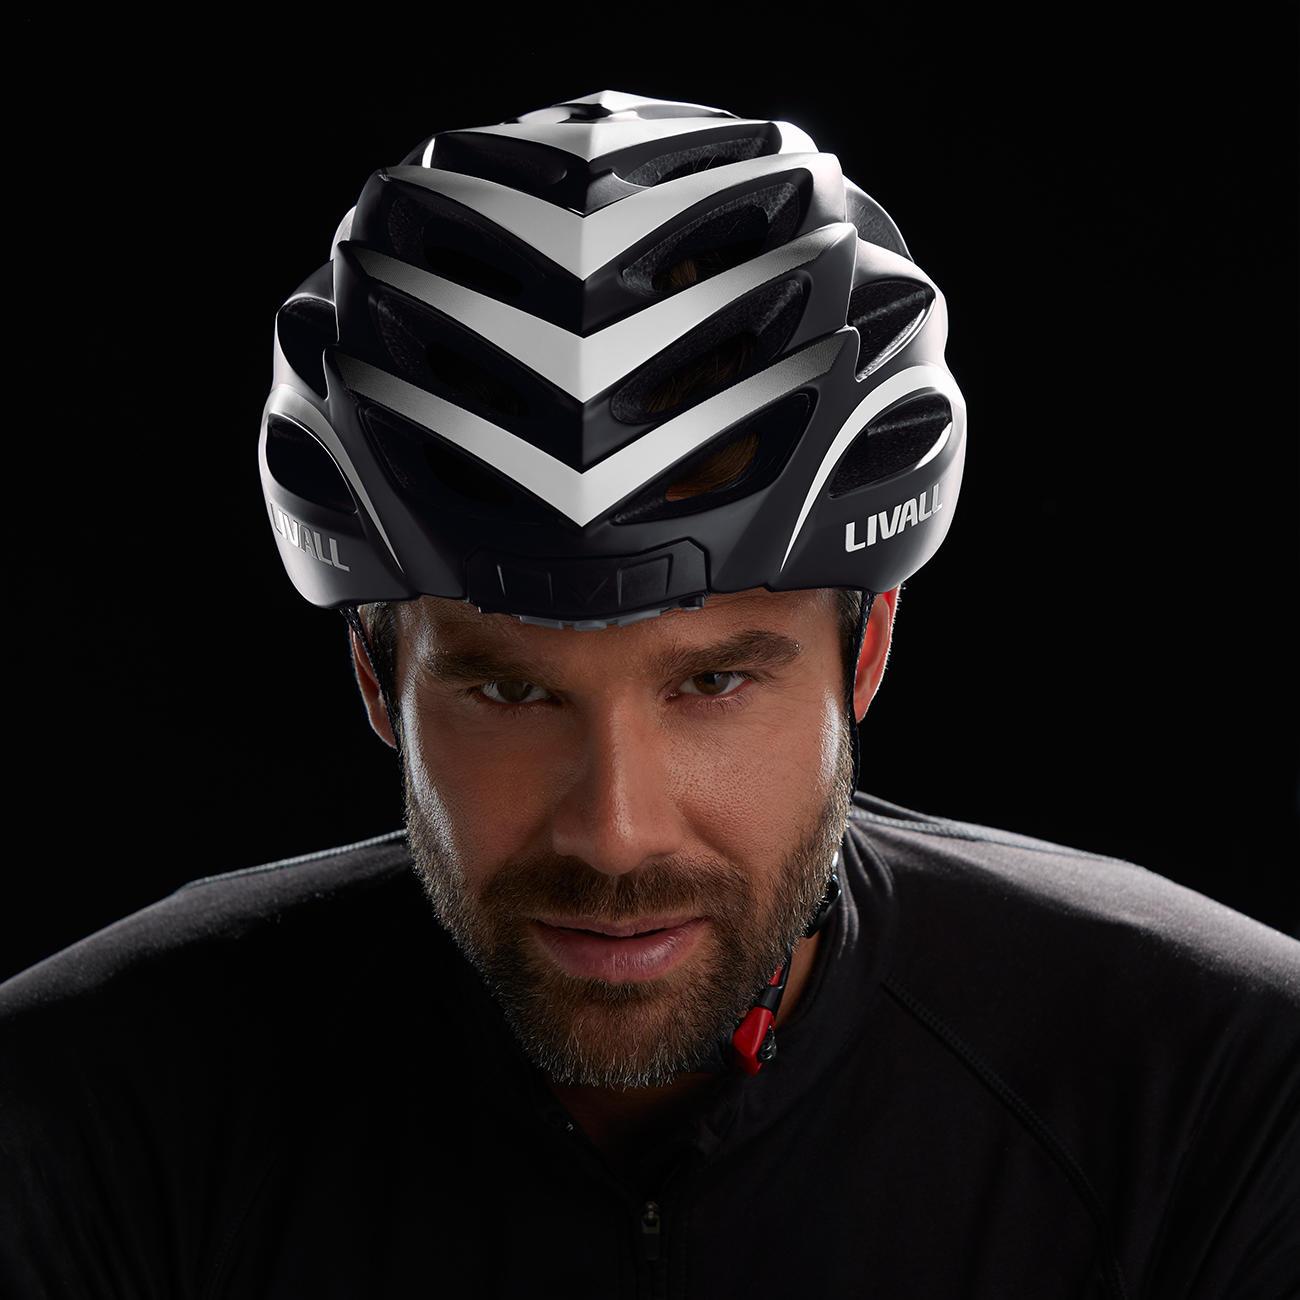 Buy Smart Bicycle Helmet